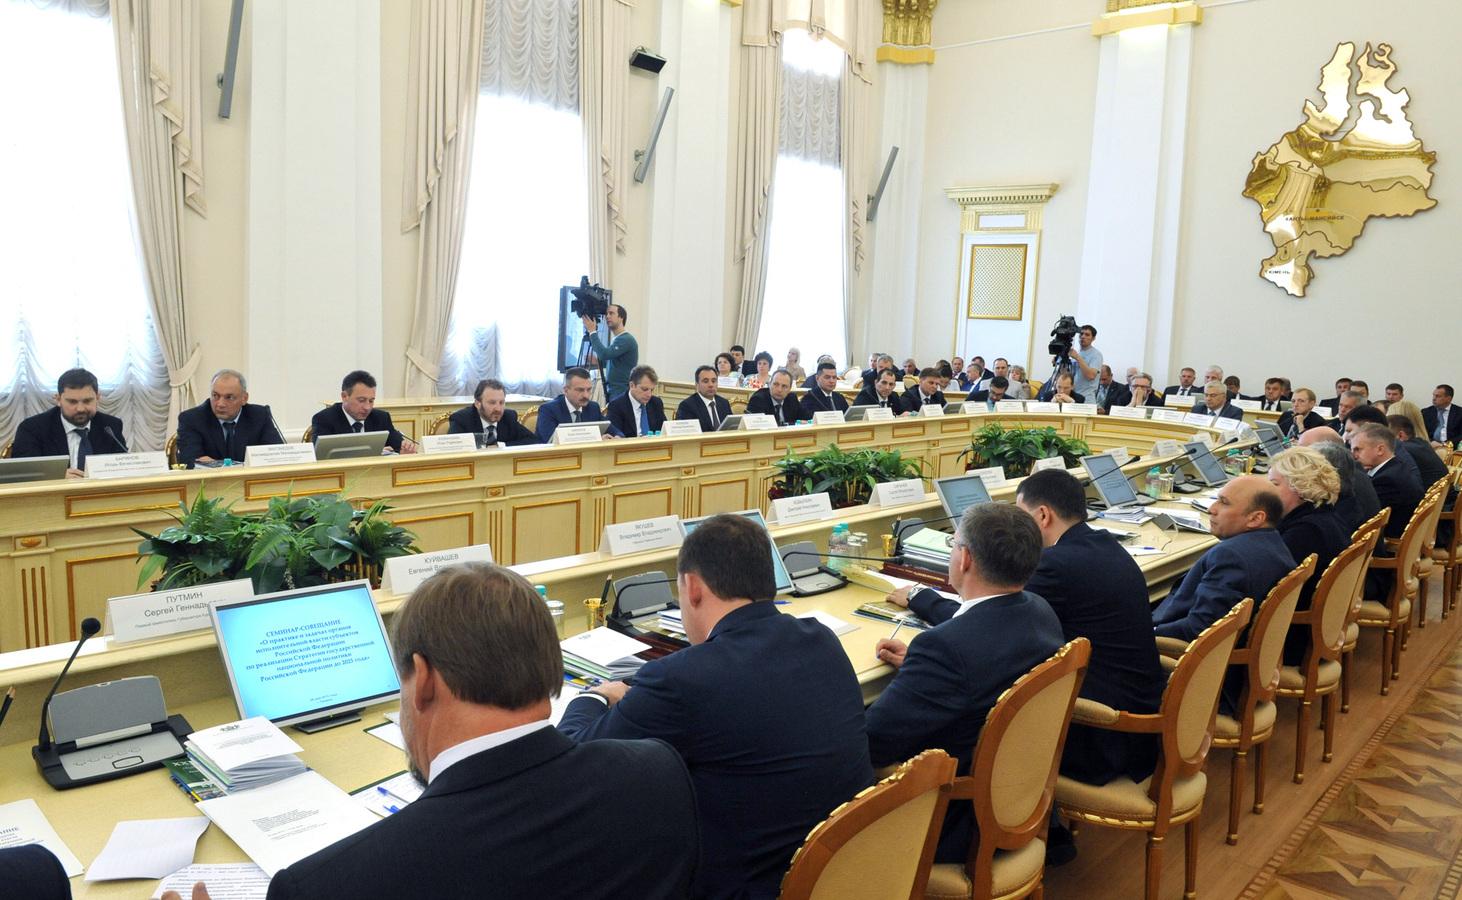 Состояние межнациональных и межконфессиональных отношений - стабильное